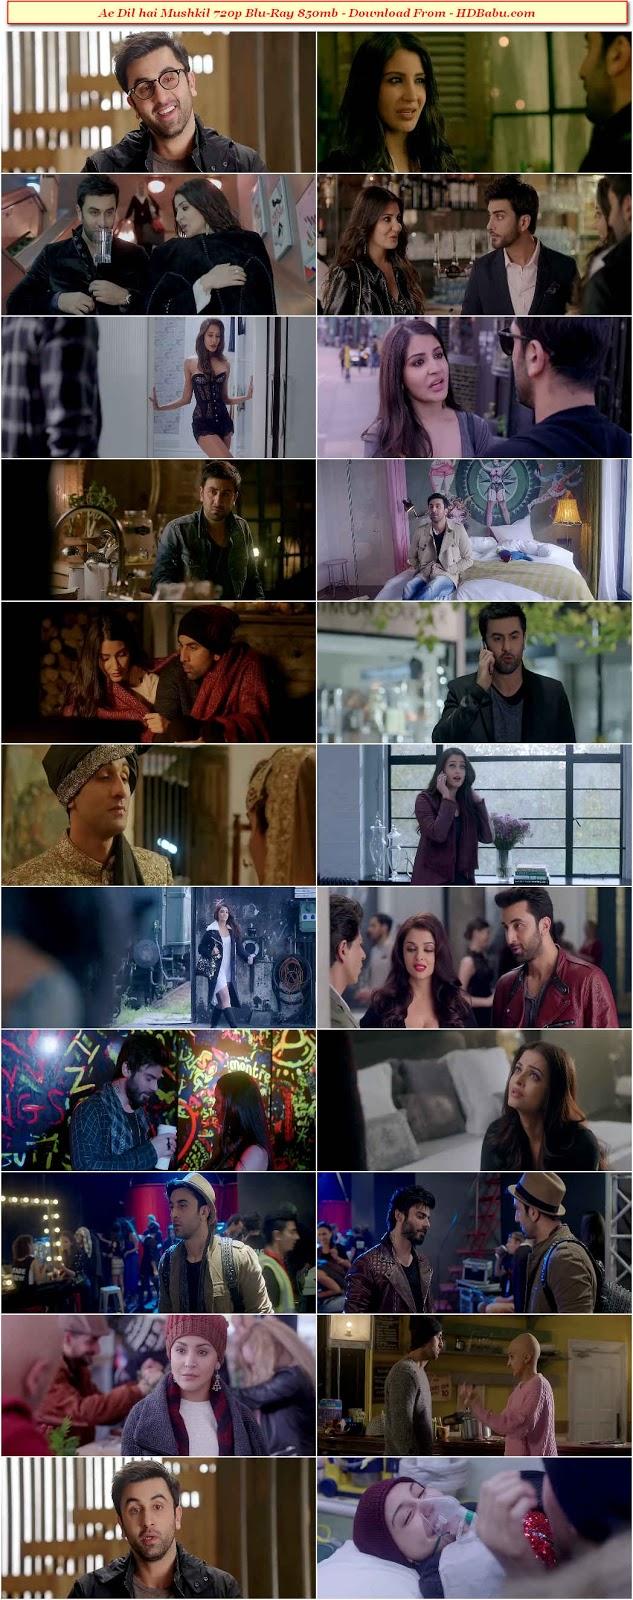 Ae Dil Hai Mushkil Blu-Ray Download